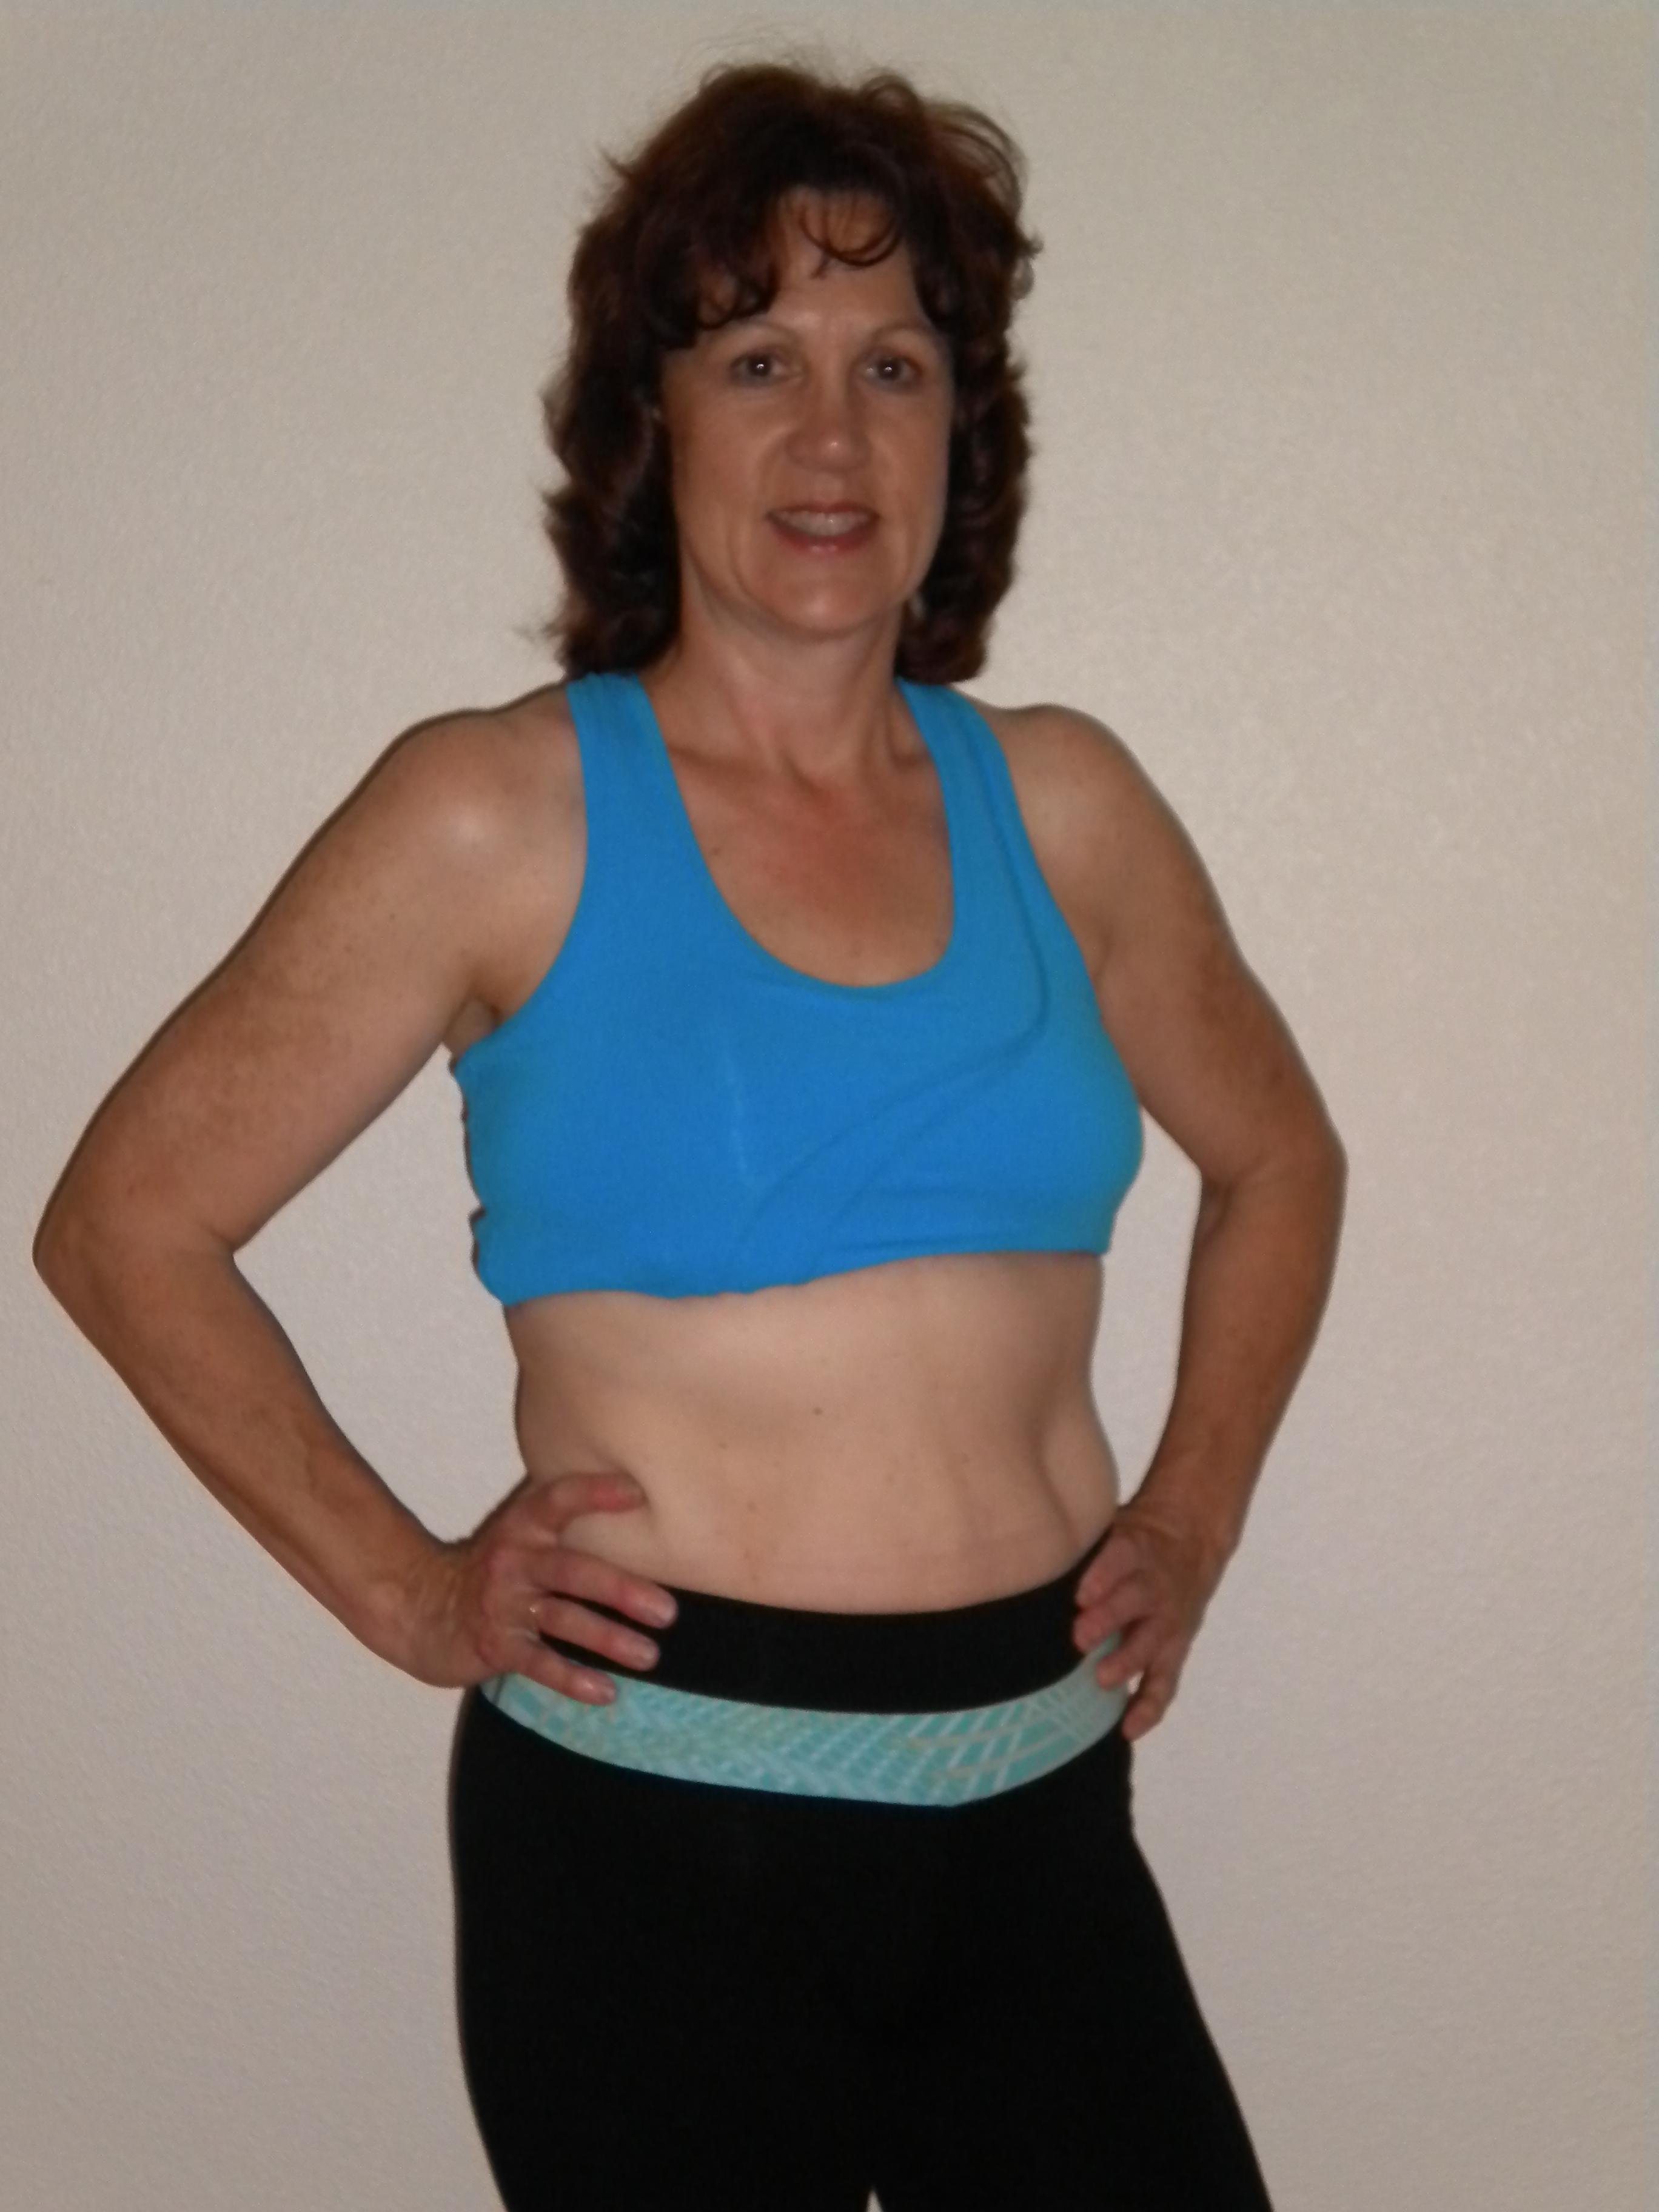 Optimal fat loss rate